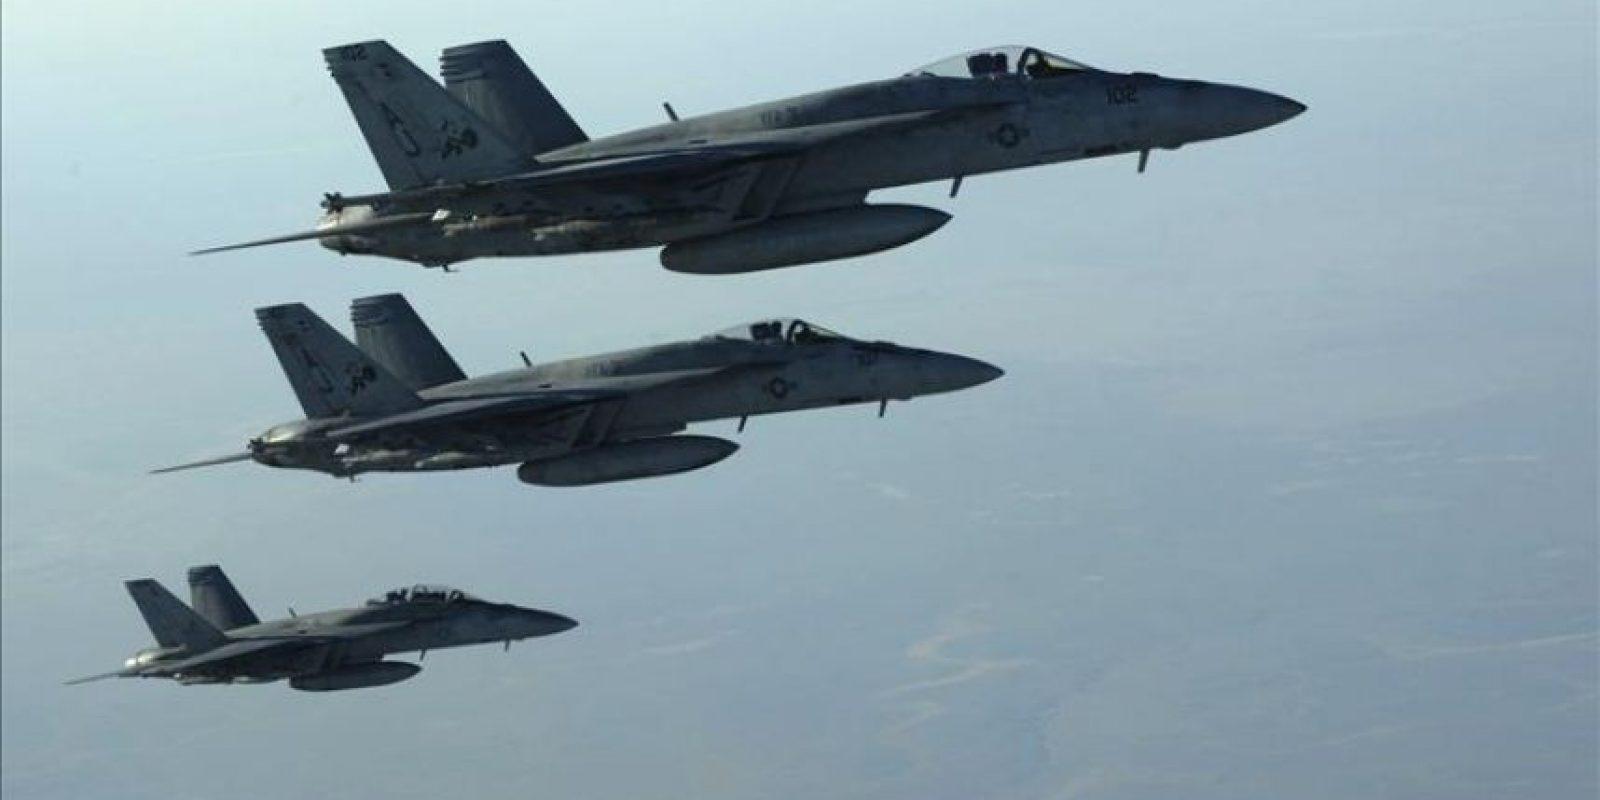 Fotografía facilitada por el Departamento de Defensa de EE. UU. (DoD) de varios aviones de combate F-18E Super Hornets de la Marina estadounidense tras repostar en el aire en el norte de Irak. EFE/Archivo